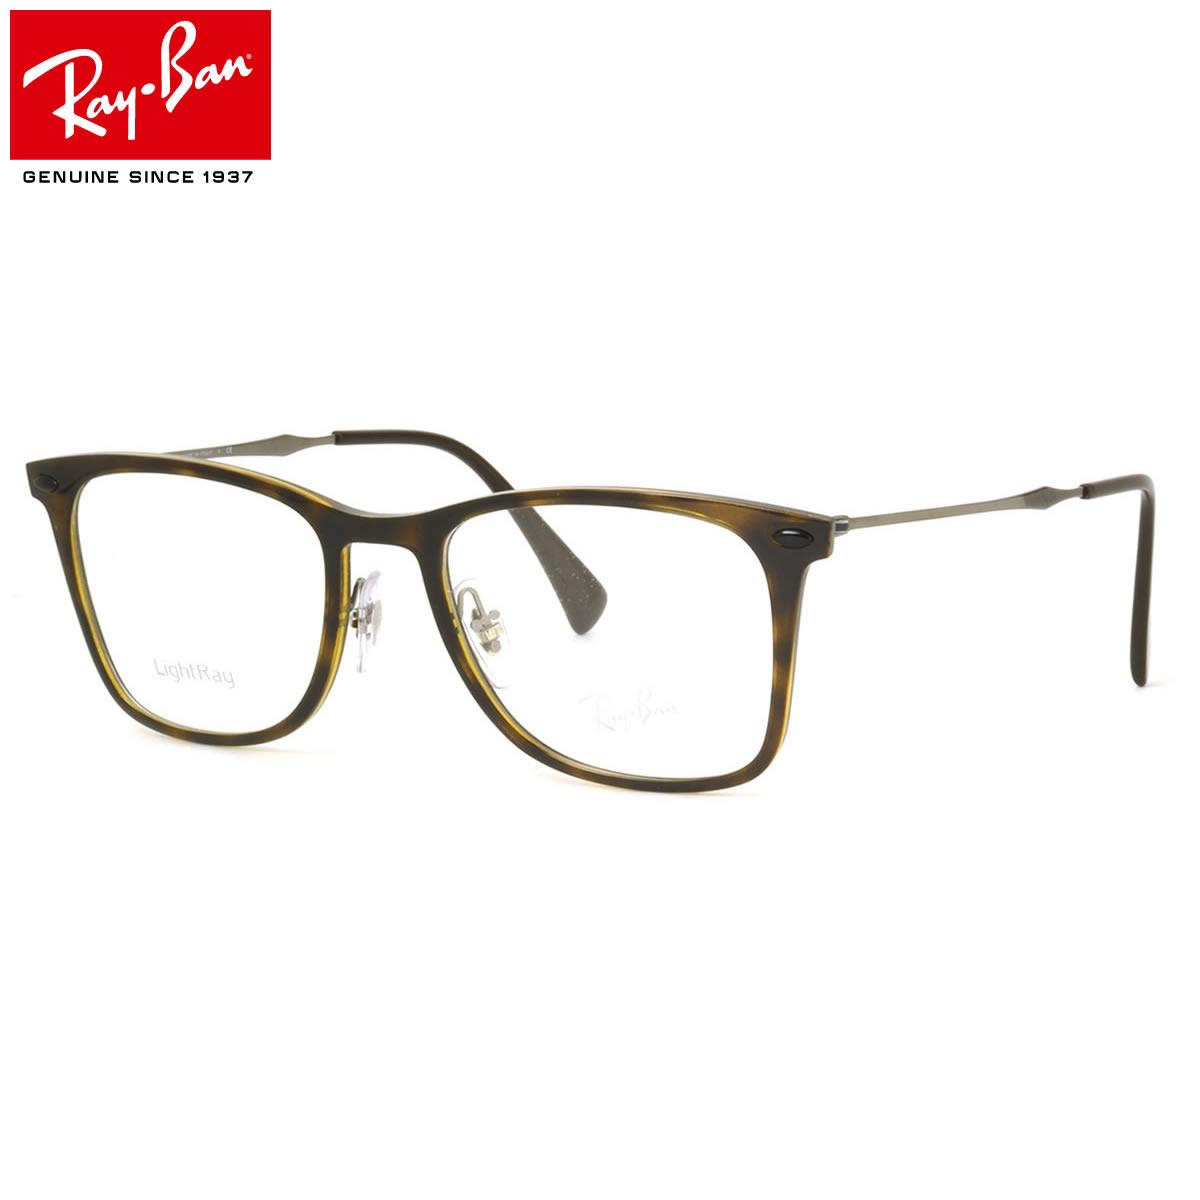 【10月30日からエントリーで全品ポイント20倍】レイバン メガネ フレーム Ray-Ban RX7086 2012 51サイズ Light Ray ライトレイ スクエア レイバン RAYBAN メンズ レディース